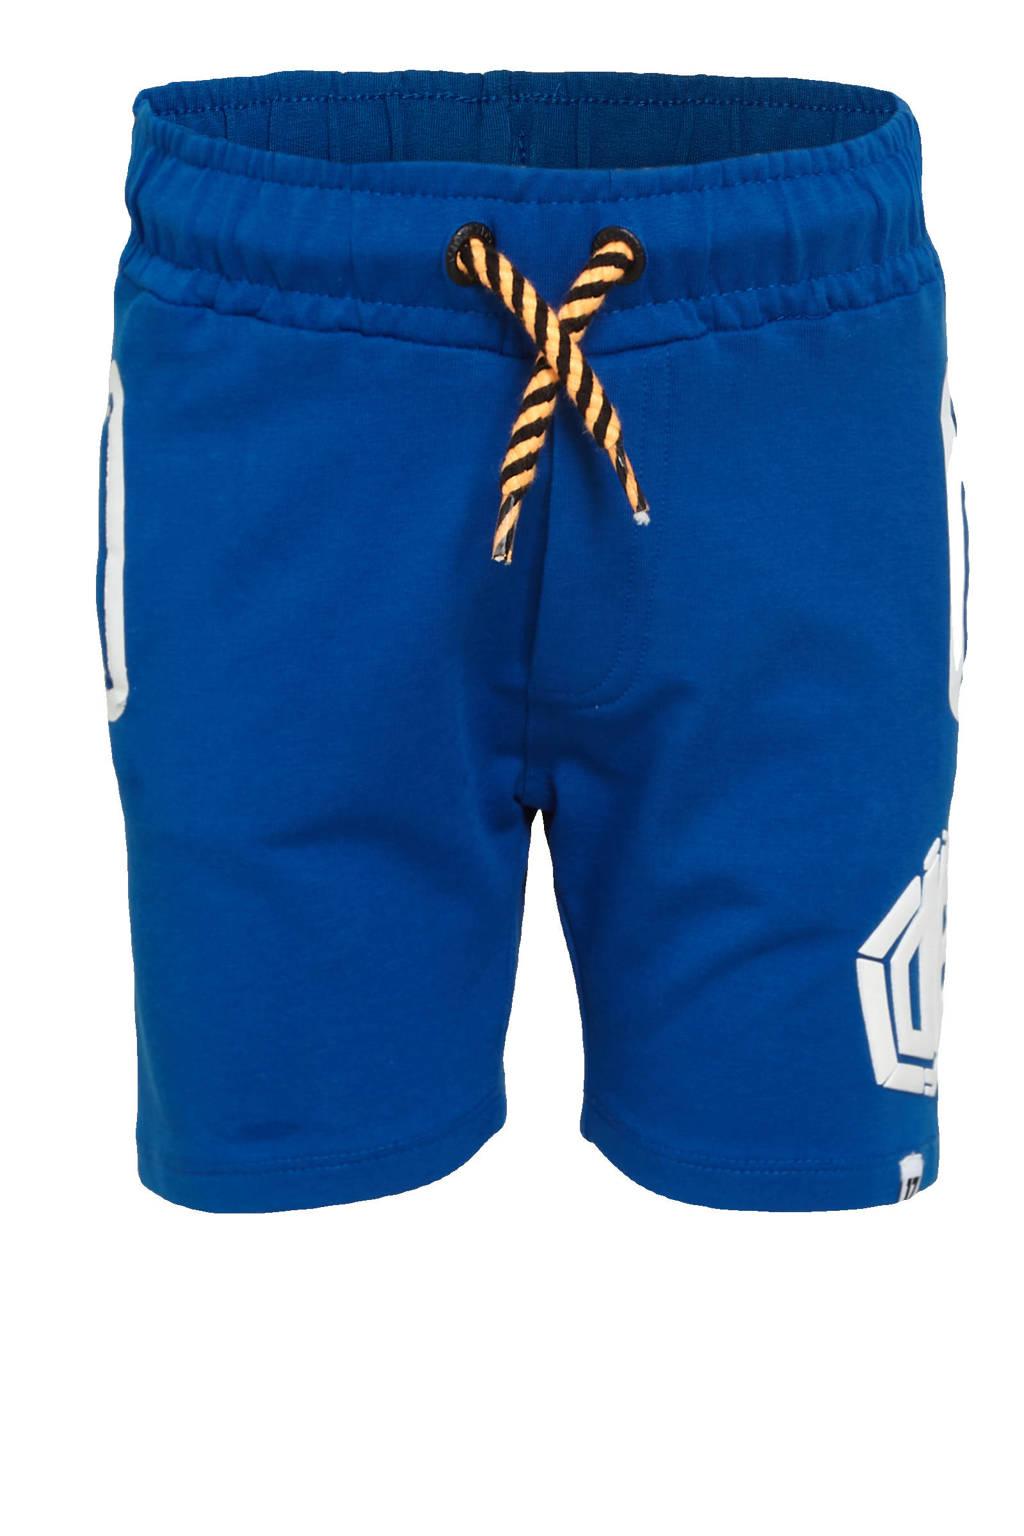 Vingino Daley Blind regular fit sweatshort Rafi met logo hardblauw, Hardblauw